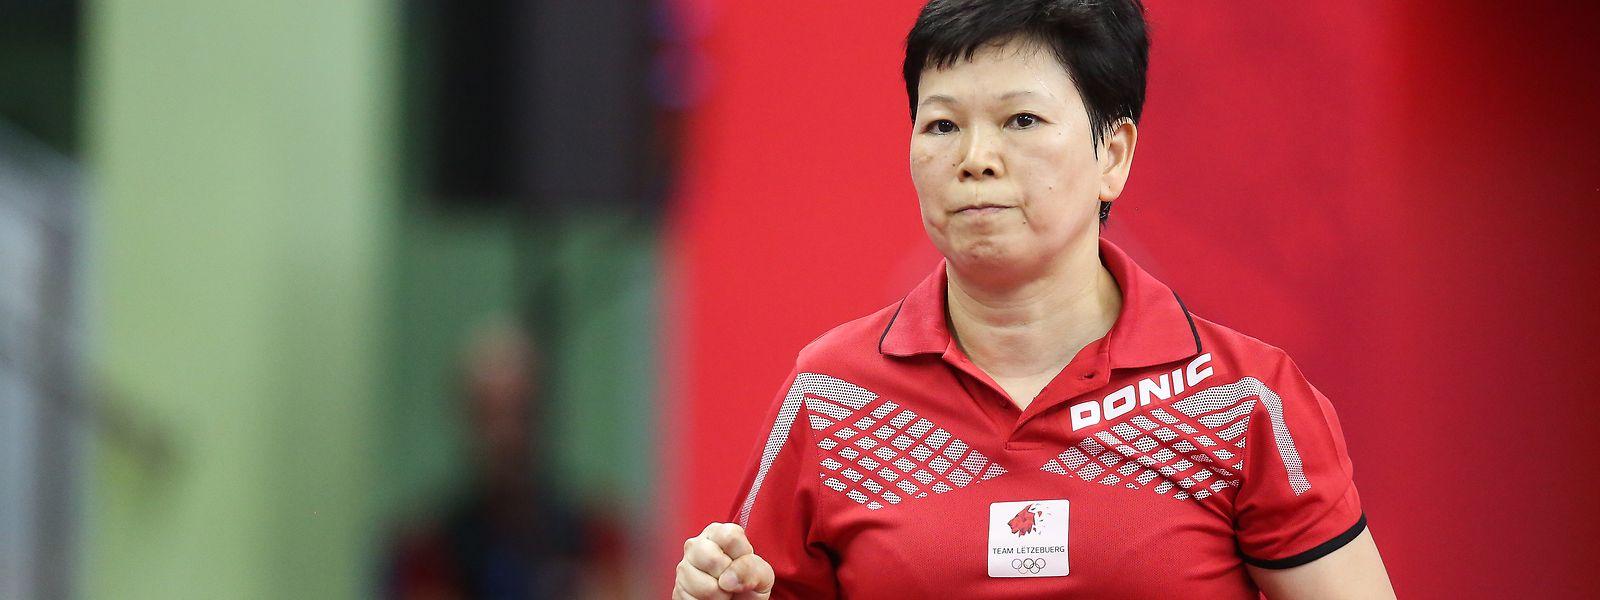 Oubliée la défaite en demi-finale, Ni Xia Lian a finalement décroché le bronze.